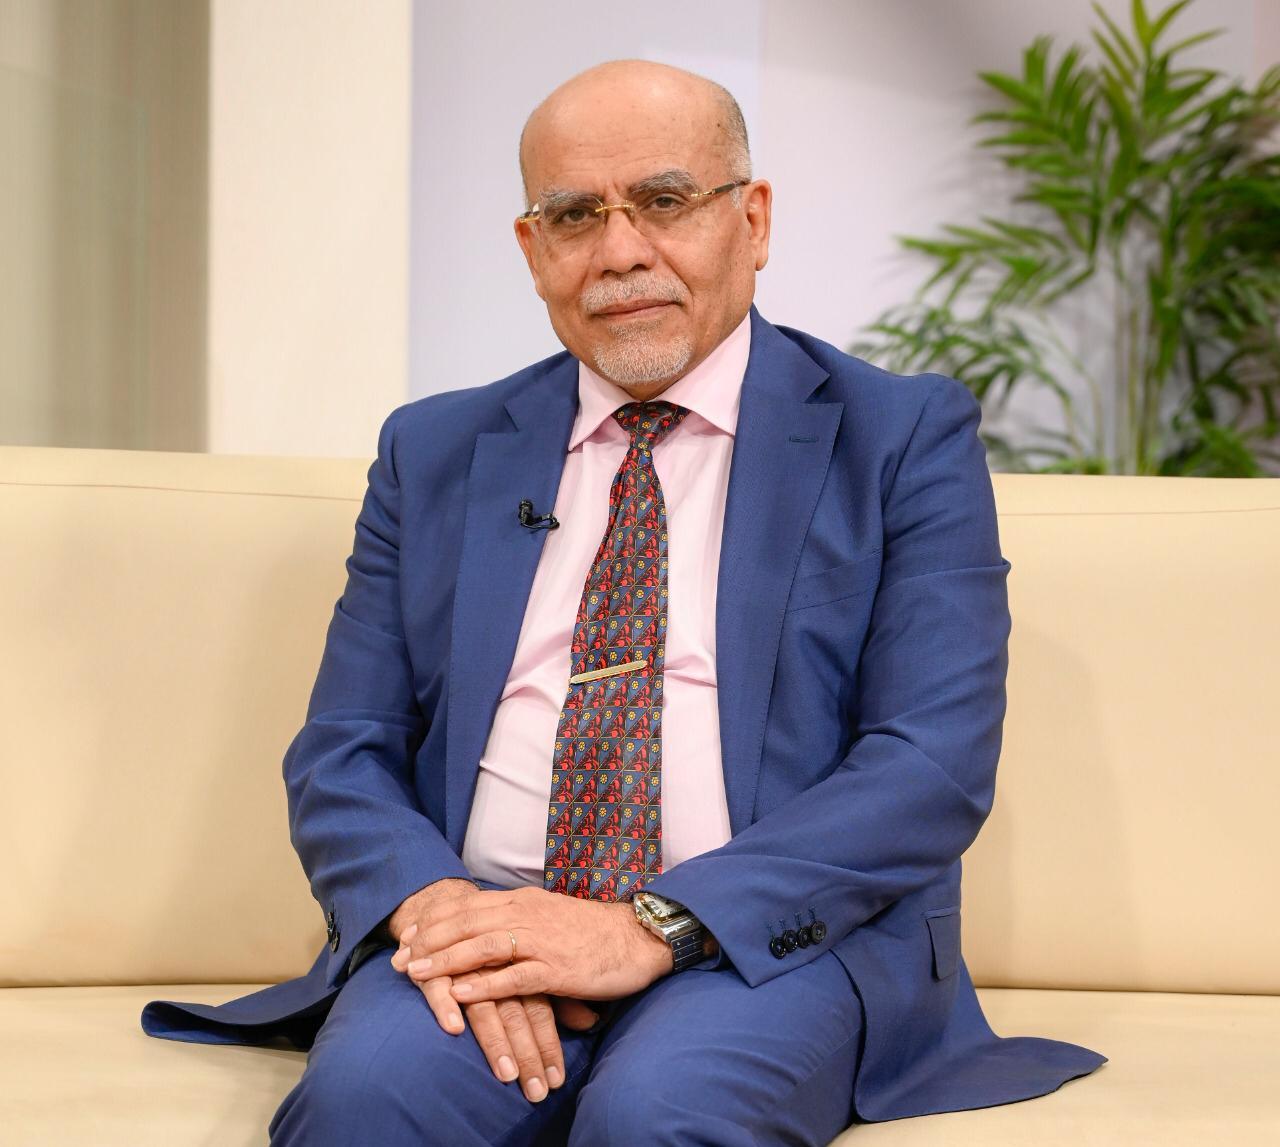 حوار مع الدكتور محمد خريس استشاري الجراحة العامة والجهاز الهضمي والمنظار